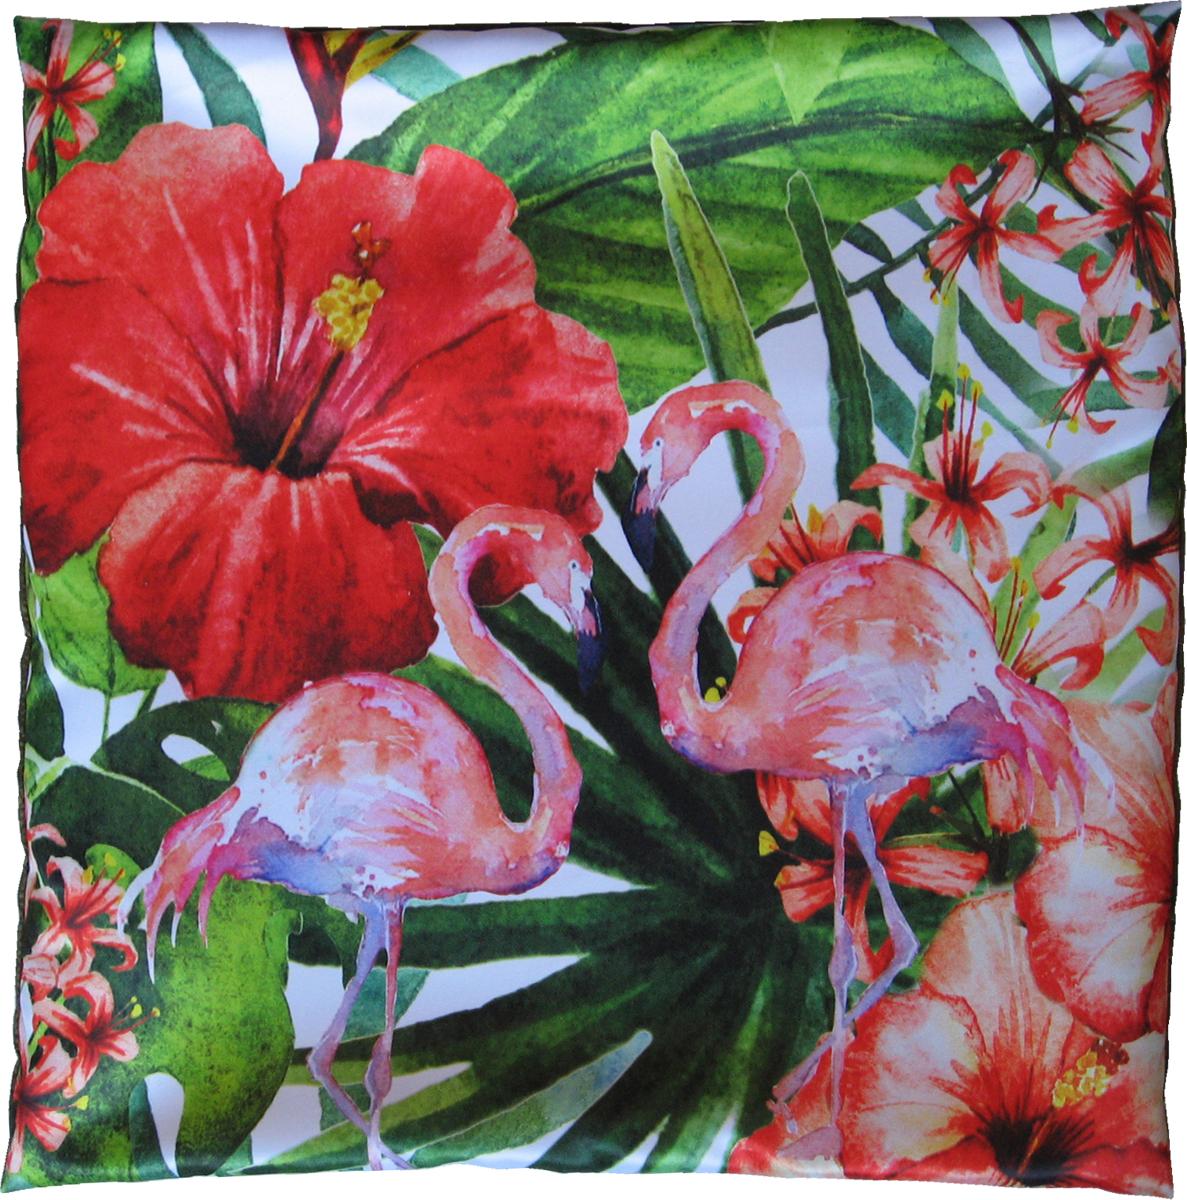 Наволочка декоративная GiftnHome Два фламинго, цвет: красный, 40 х 40 смES-412Декоративная наволочка GiftnHome Два фламинго изготовлена из атласа (искусственный шелк). Изделие закрывается на застежку-молнию иоформлено ярким принтом. Подушки с такими наволочками прекрасно дополнят интерьер спальни и гостинойи добавят в обстановку изысканность и роскошь.